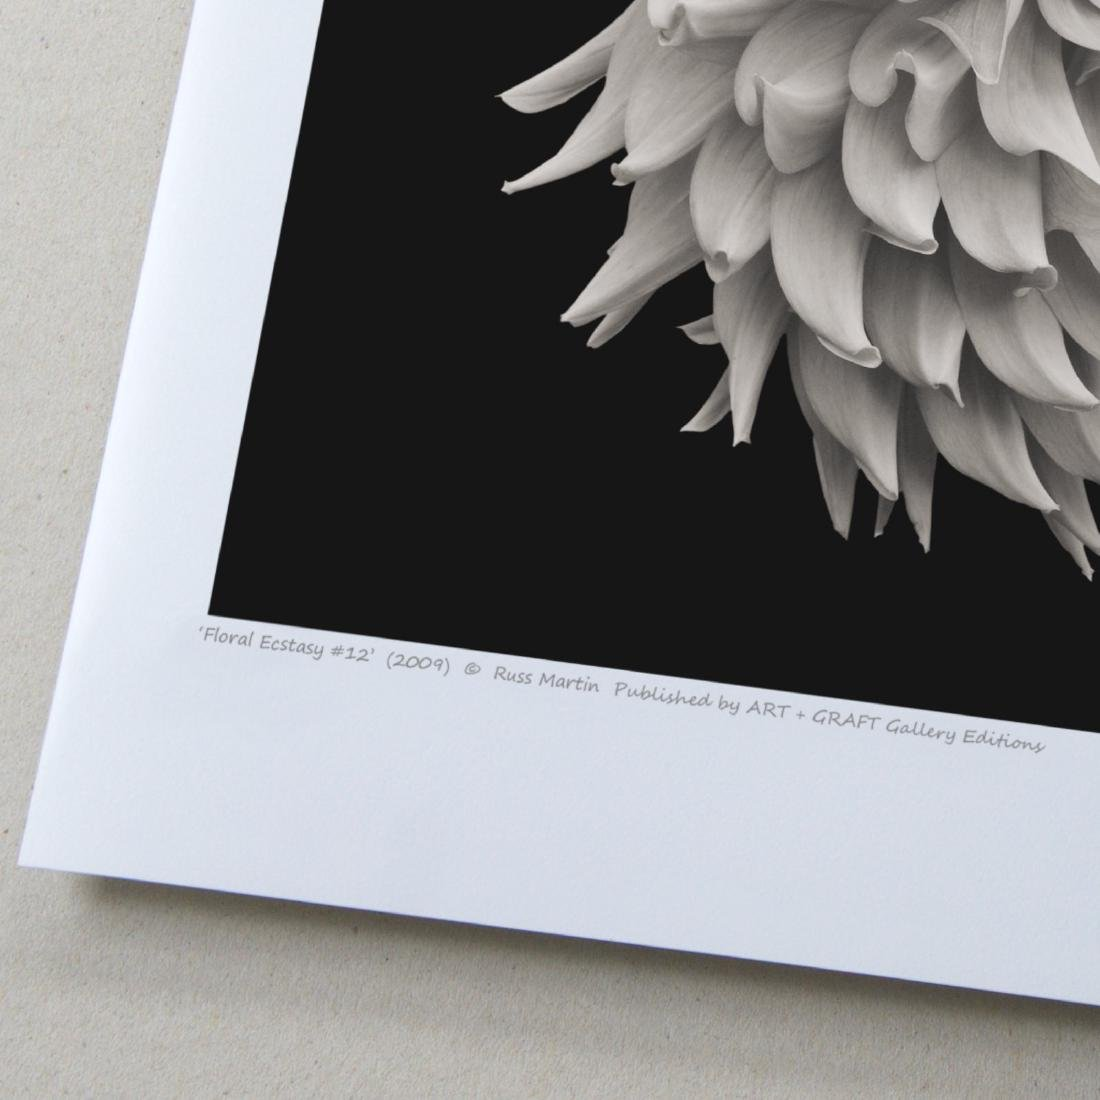 Russ Martin - Print - Floral Ecstasy #12 - 3